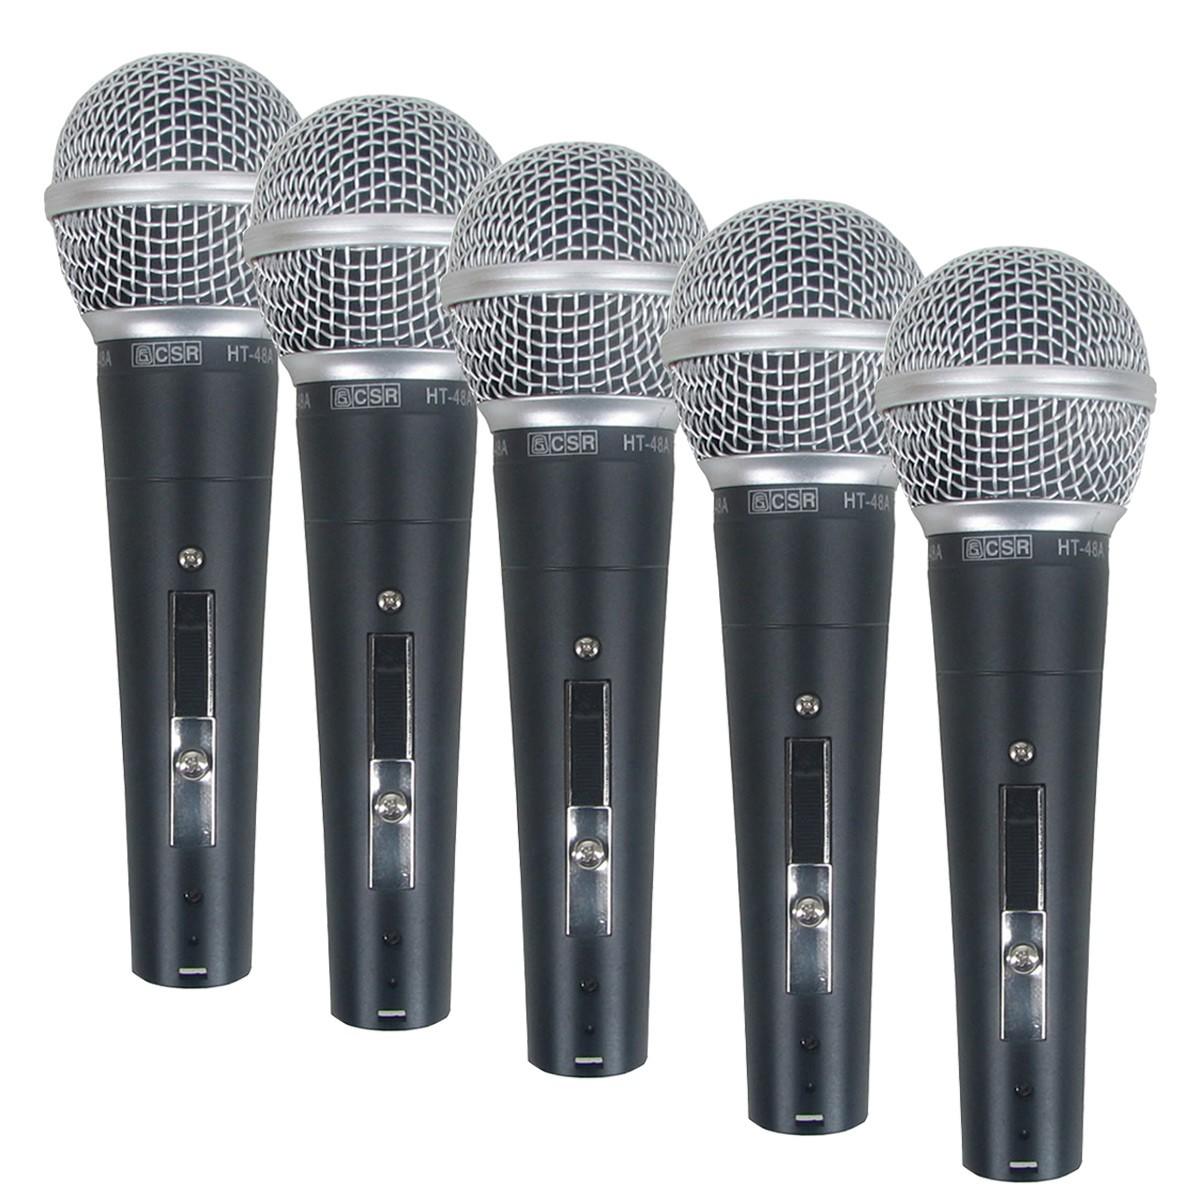 Microfone c/ Fio de Mão Dinâmico (5 Unidades) - 48-5 CSR